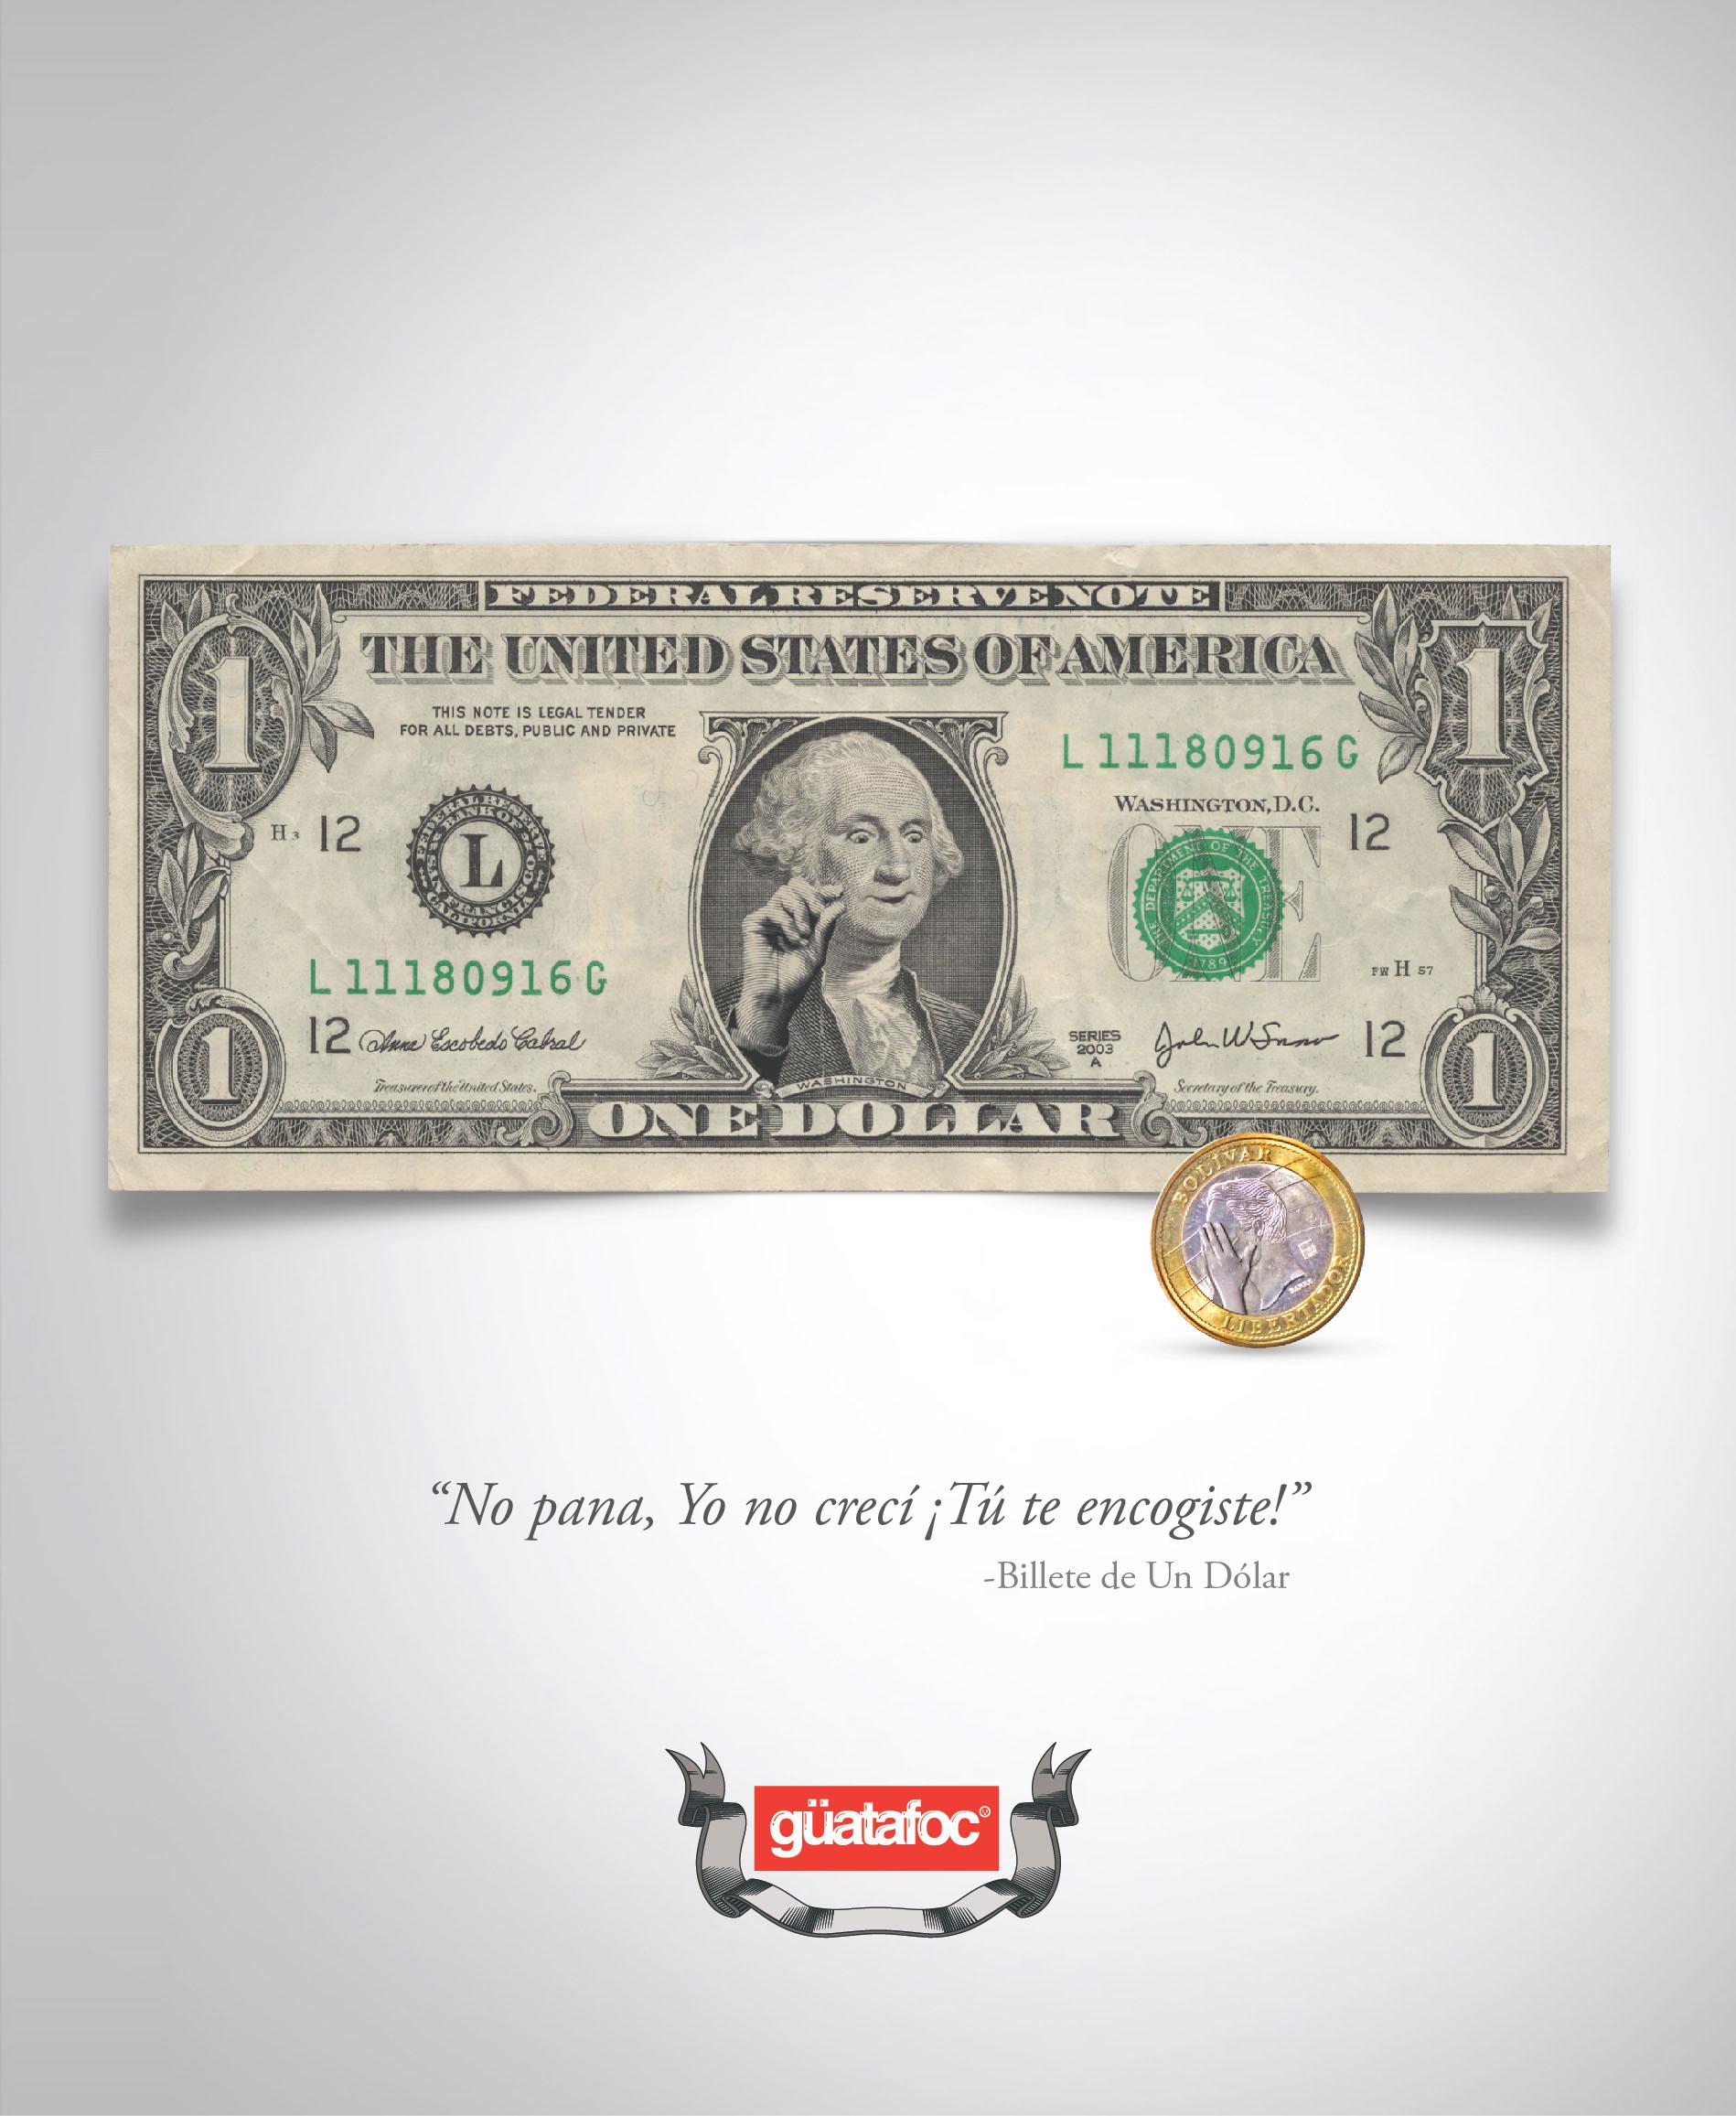 Venezuela,¿crisis económica? - Página 3 Yo-no-creci-galeria-01